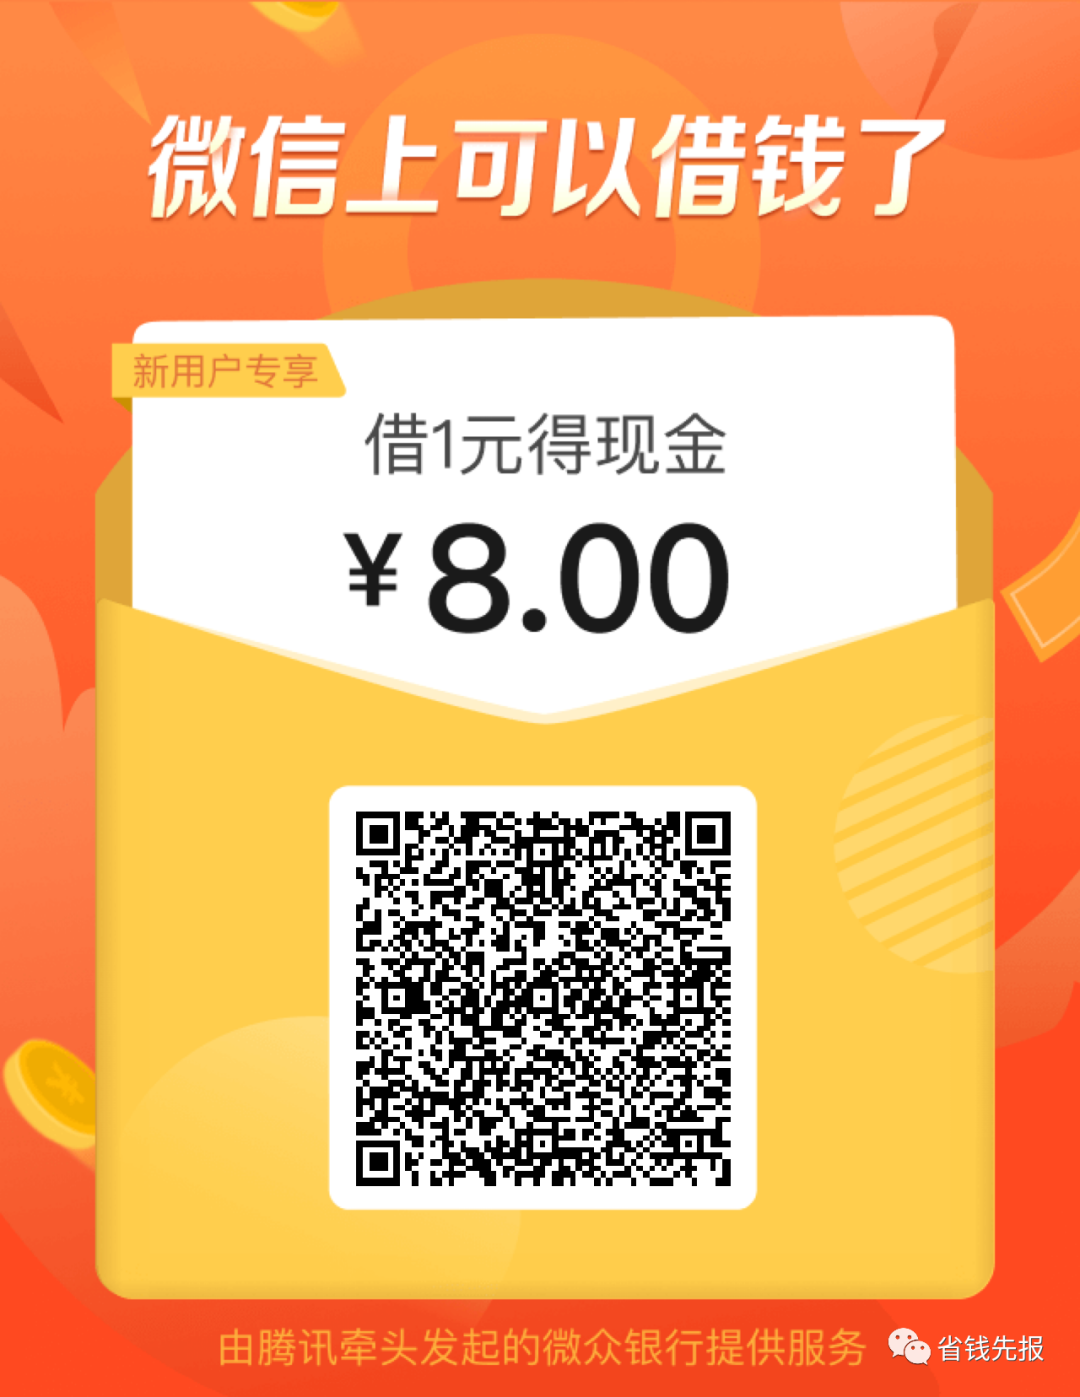 支付宝红包3-8元余额宝活动!